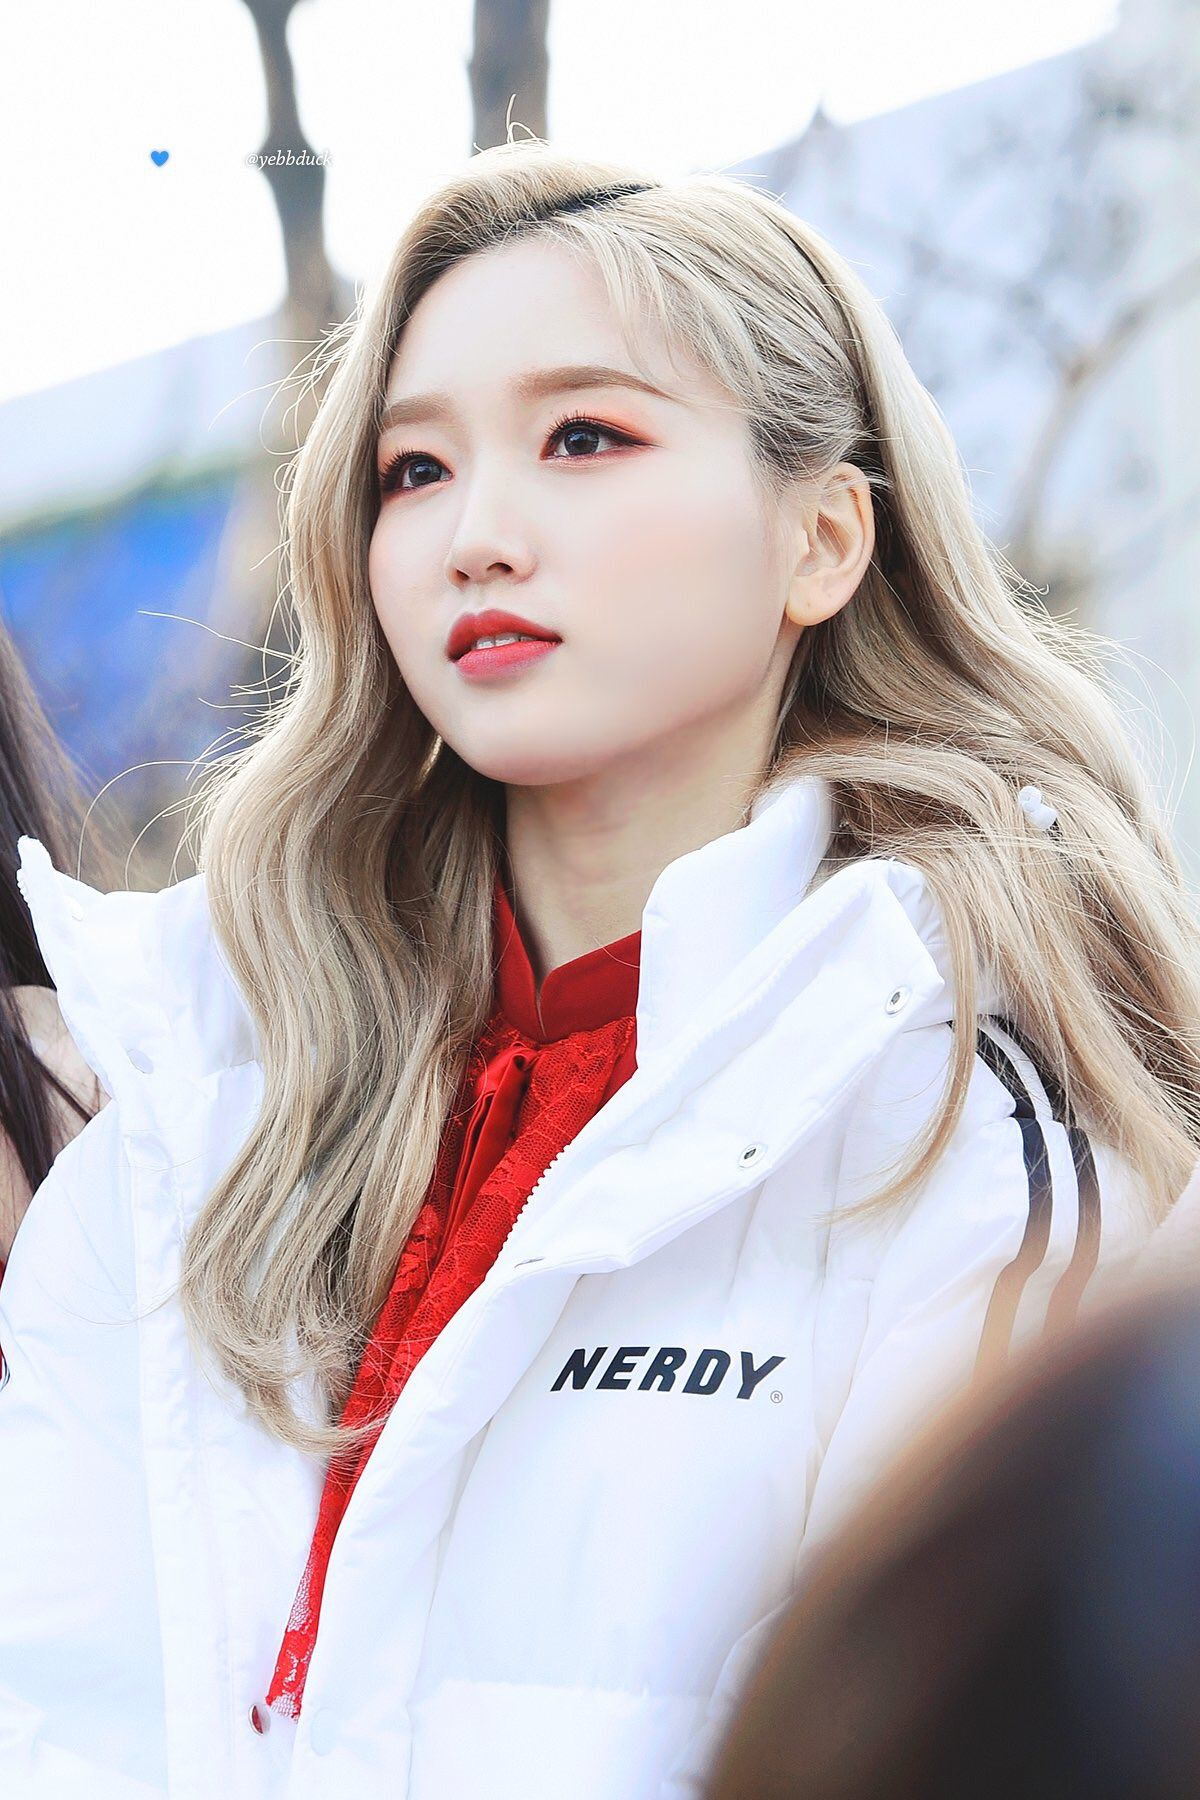 Gowon Loona Kpop girls, Gowon loona, Ulzzang girl